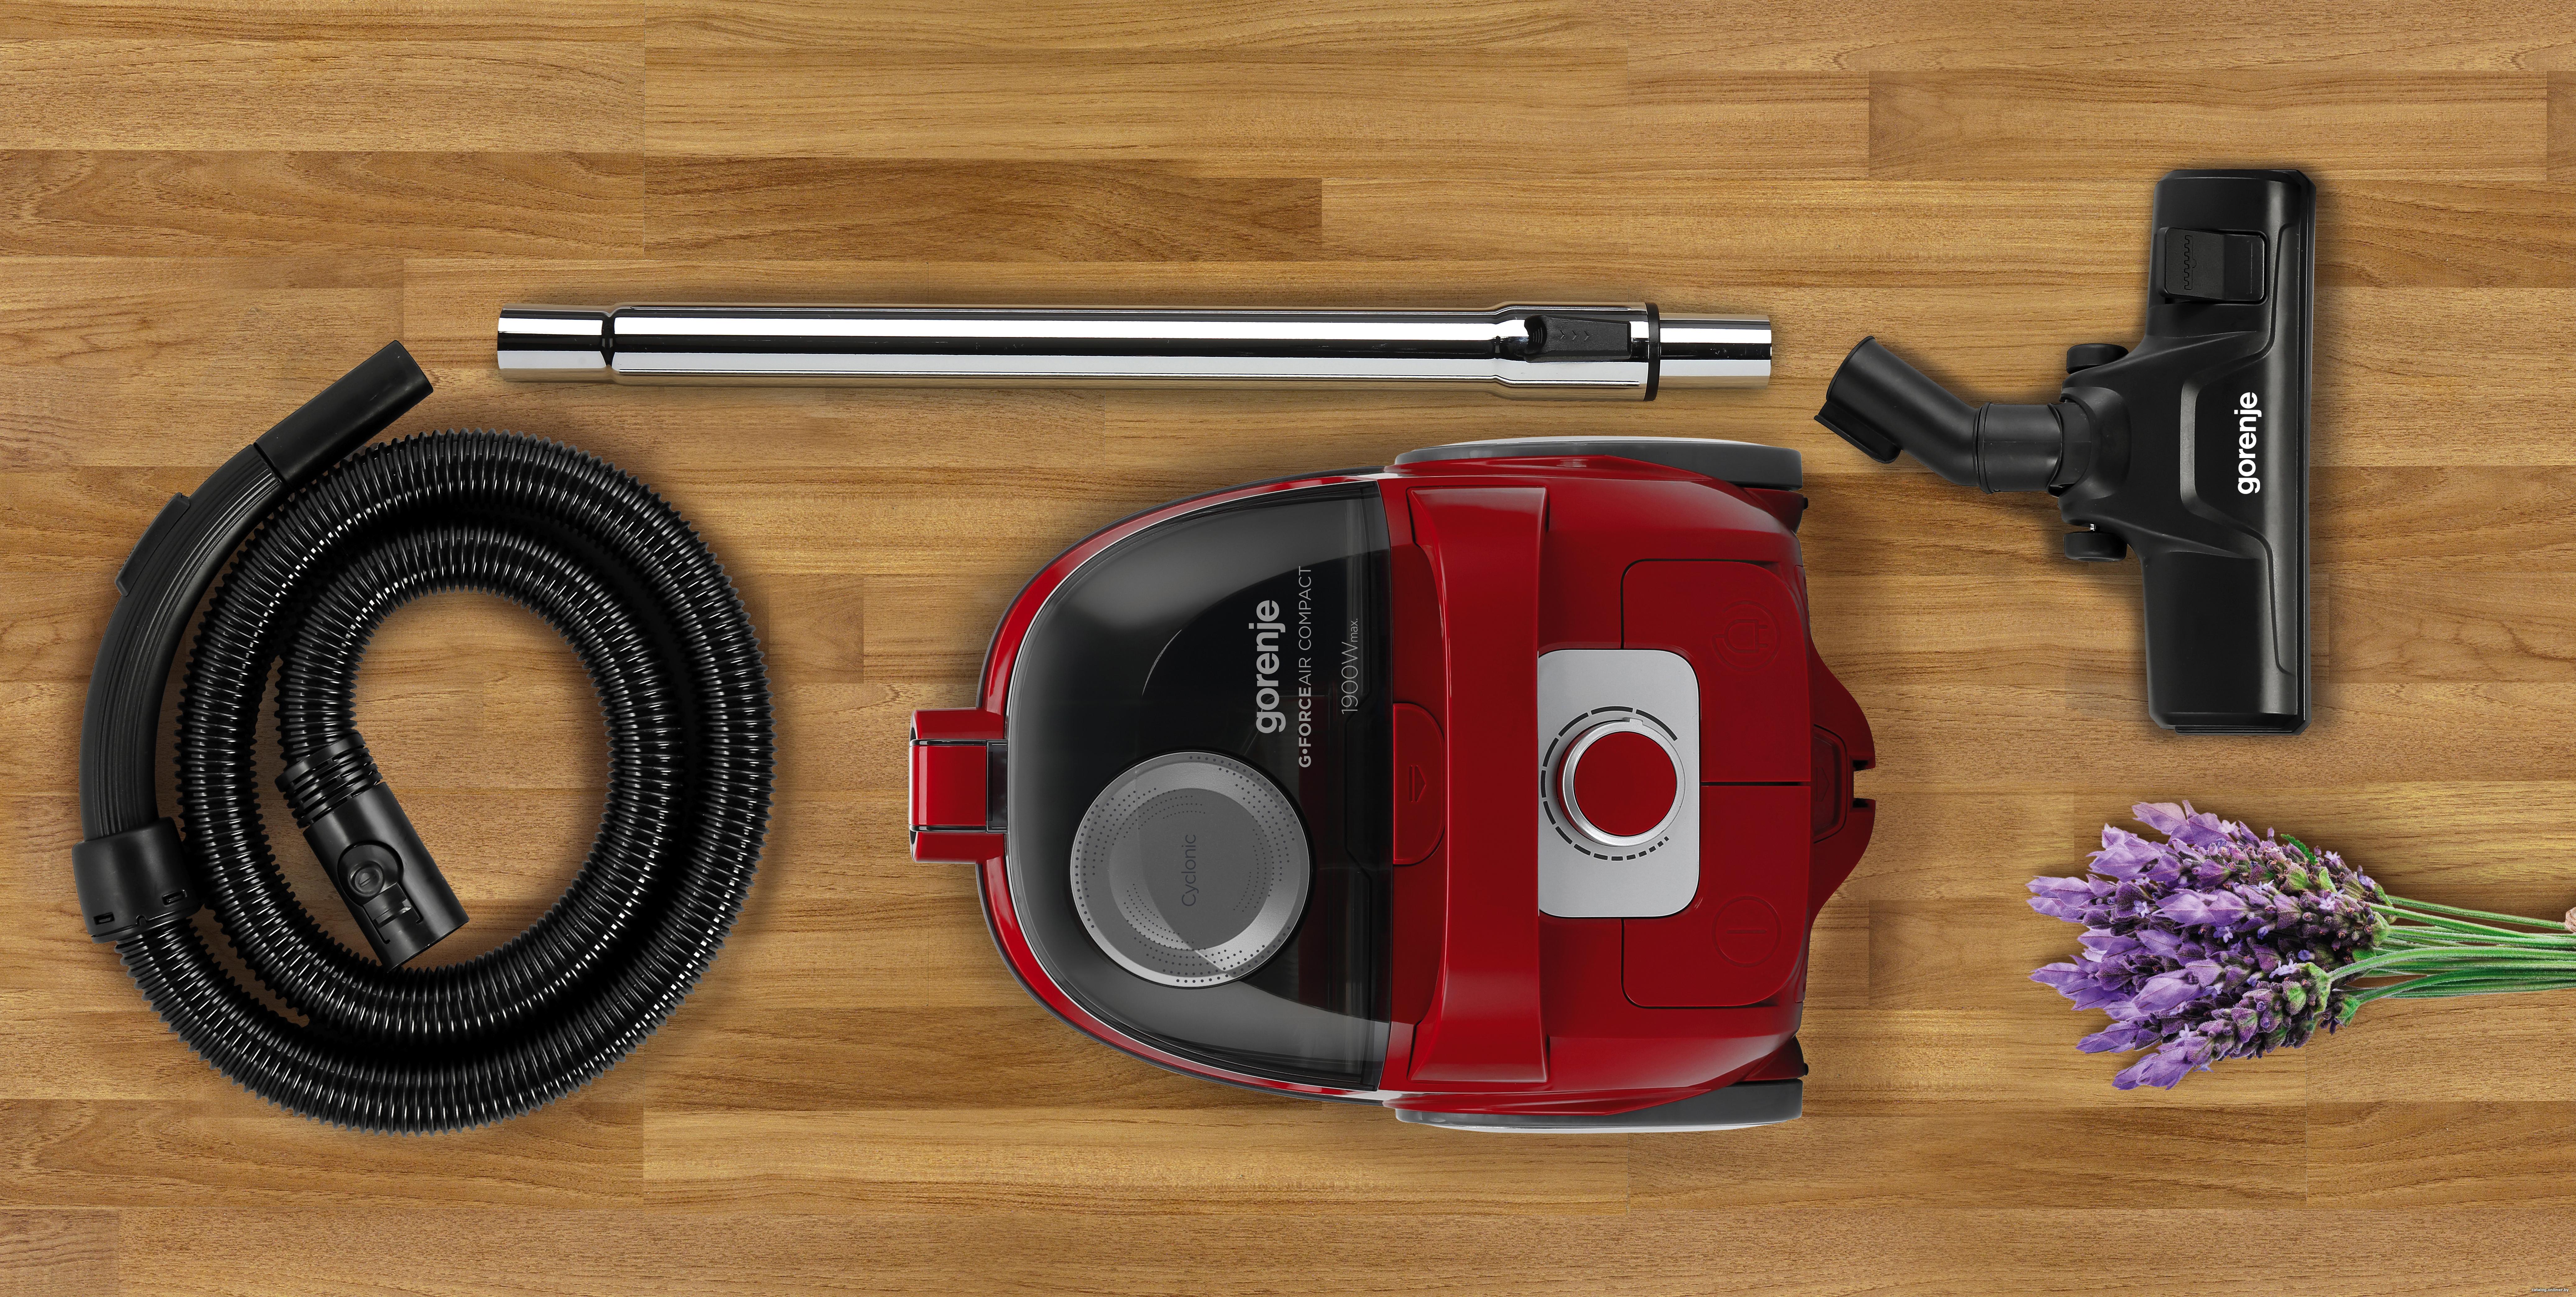 Лучшие фирмы роботов-пылесосов - рейтинг 2020 (топ 10)